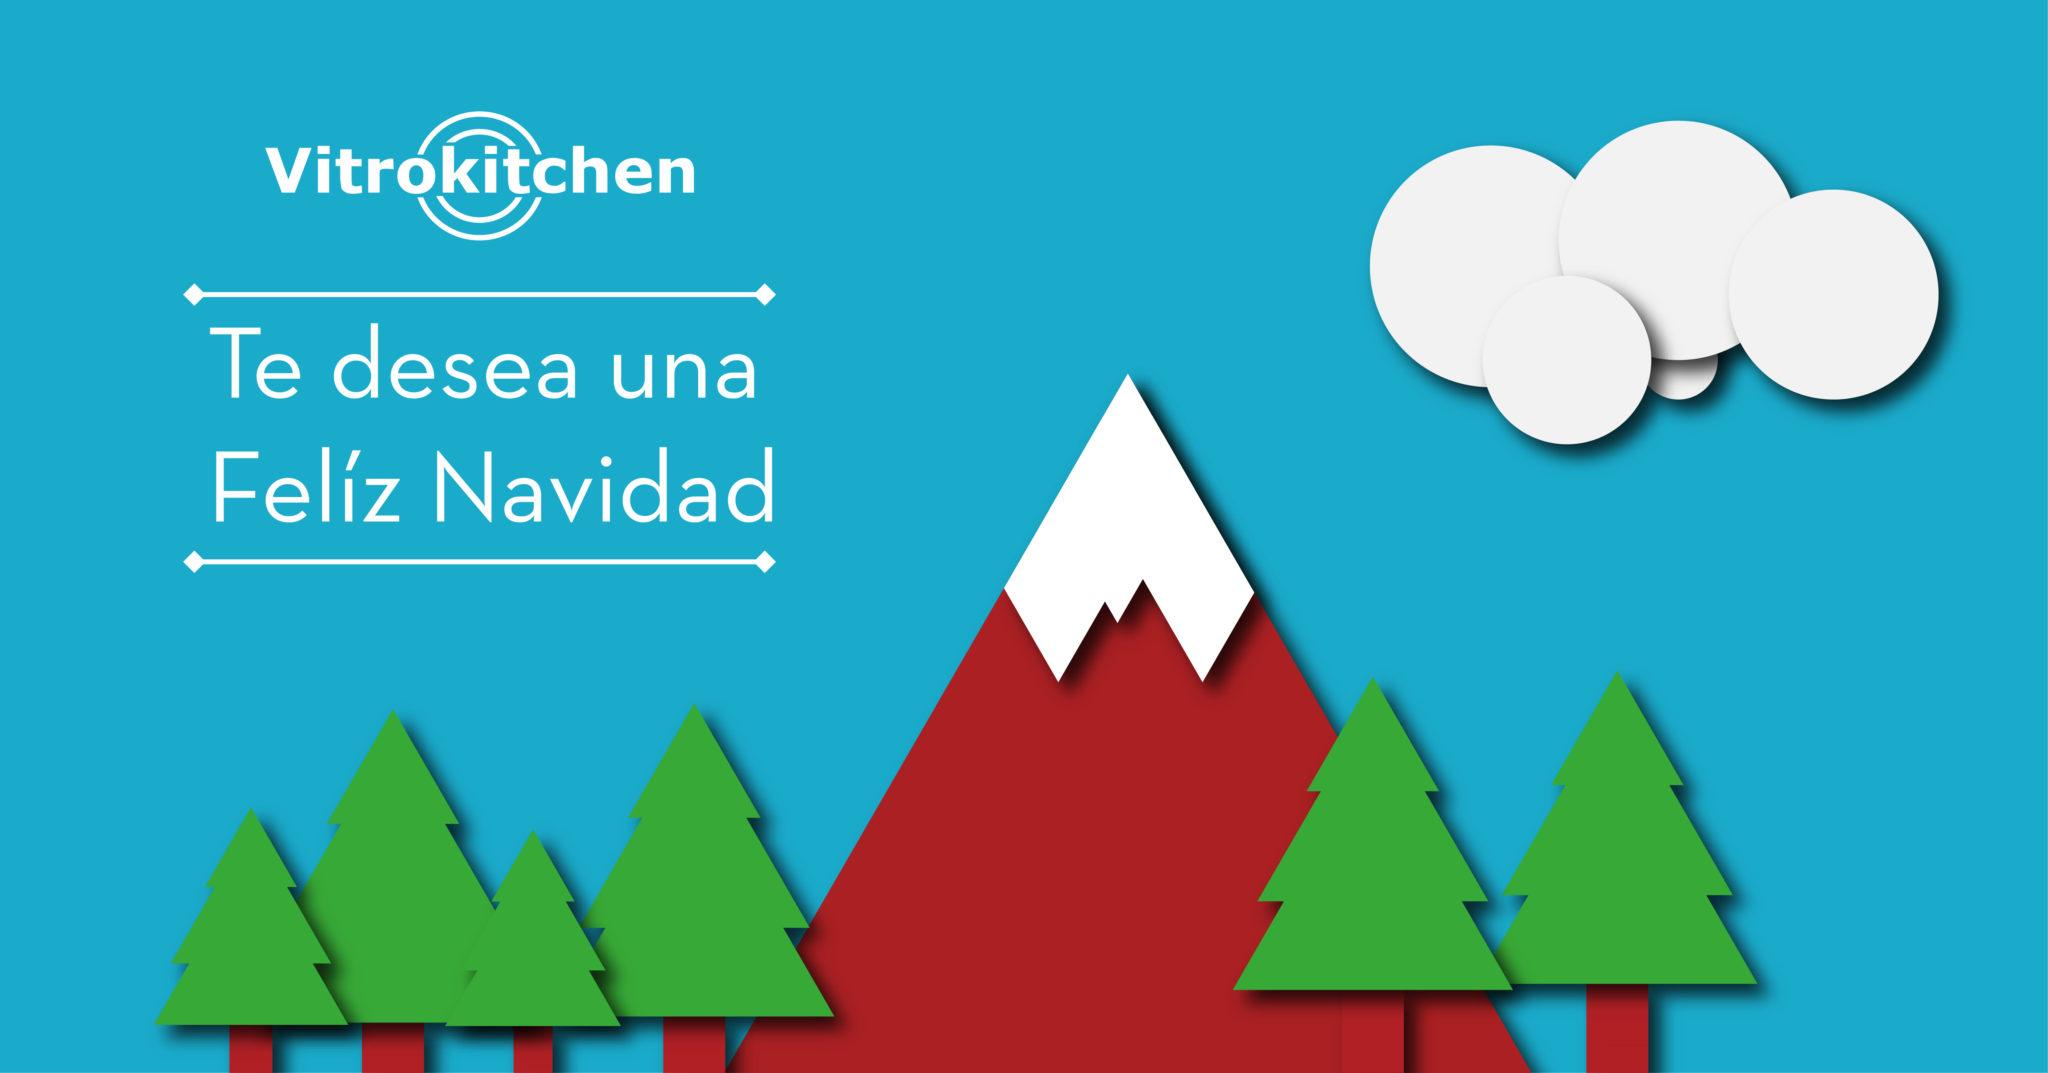 tarjeta-navidad-vitrokitchen1-03